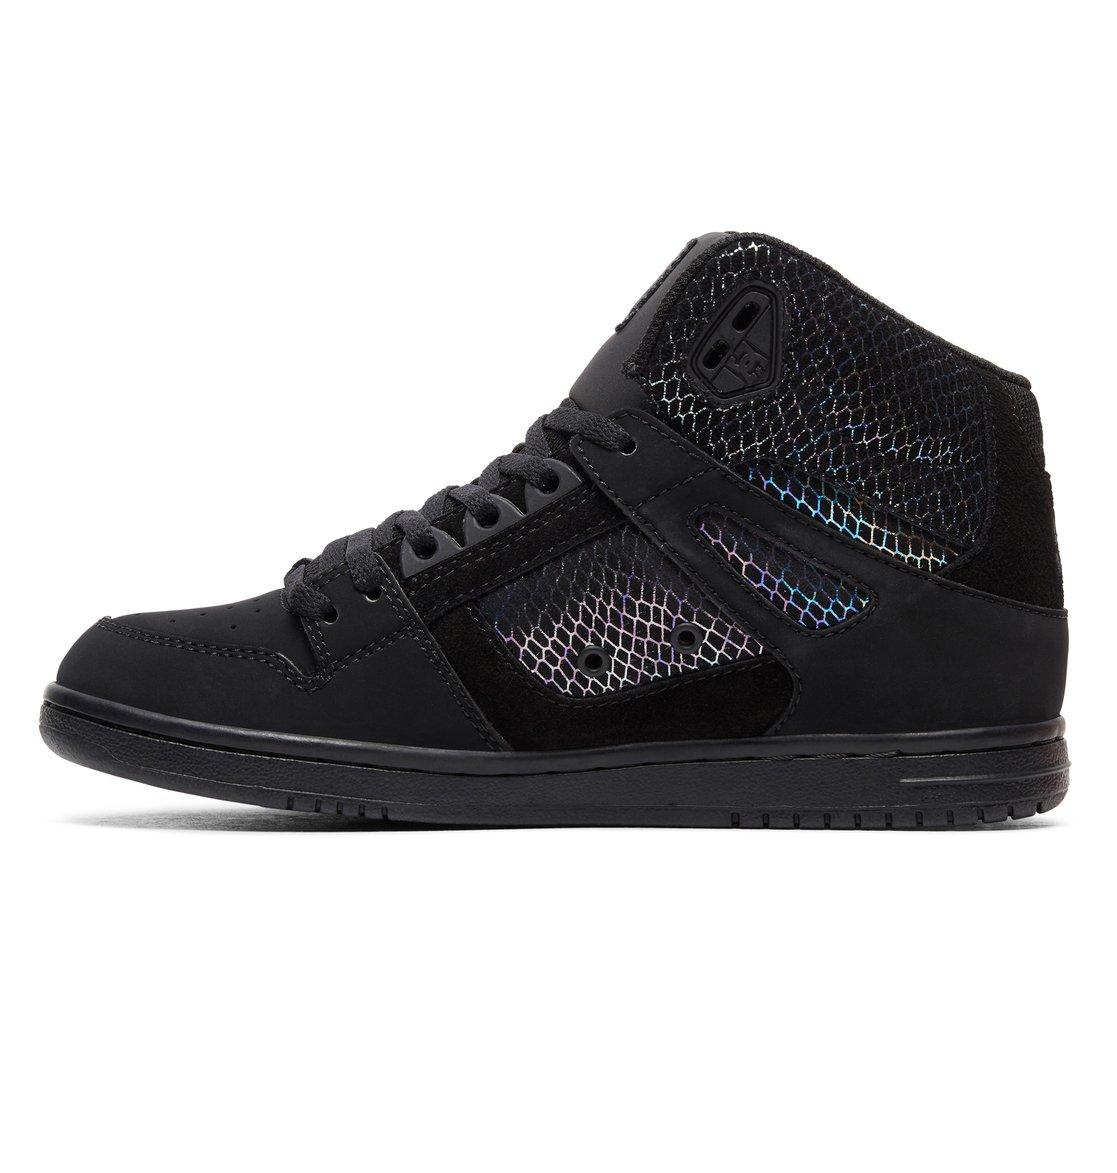 Adjs100116Dc Se Chaussures Montantes Shoes Pure Pour Femme uOXZiPk